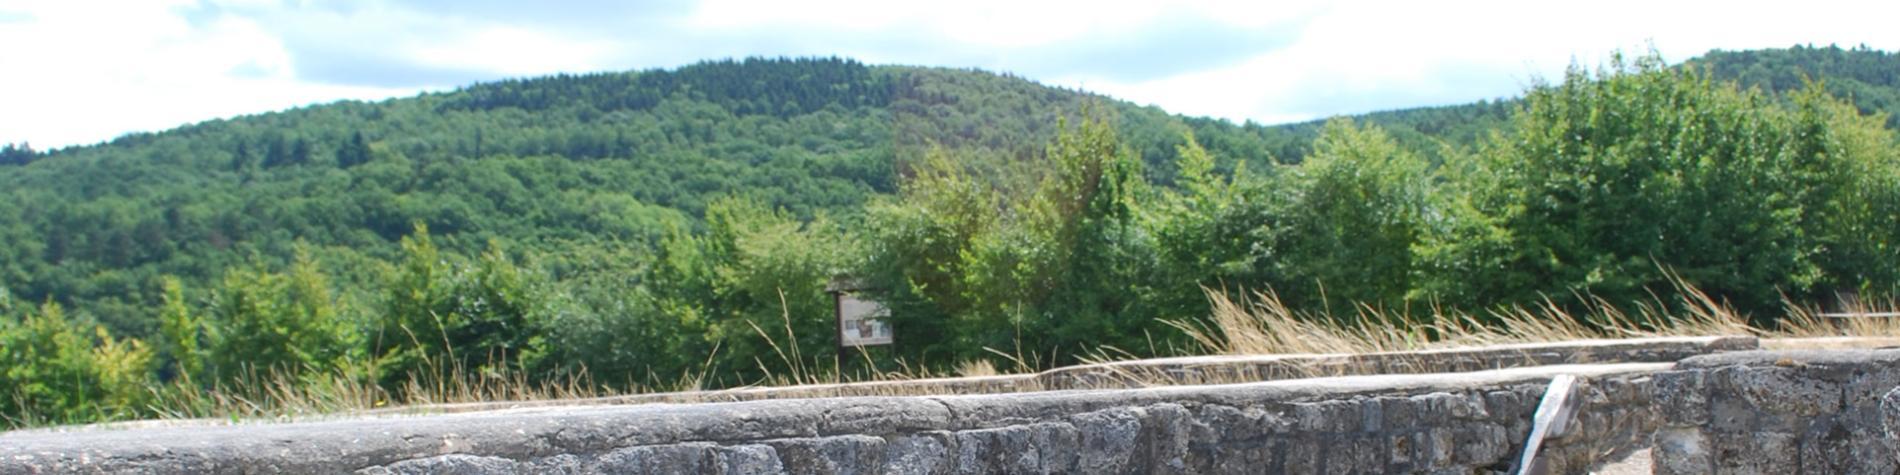 Archéologie - antiquité - préhistoire - musée - Malgré-Tout - Treignes